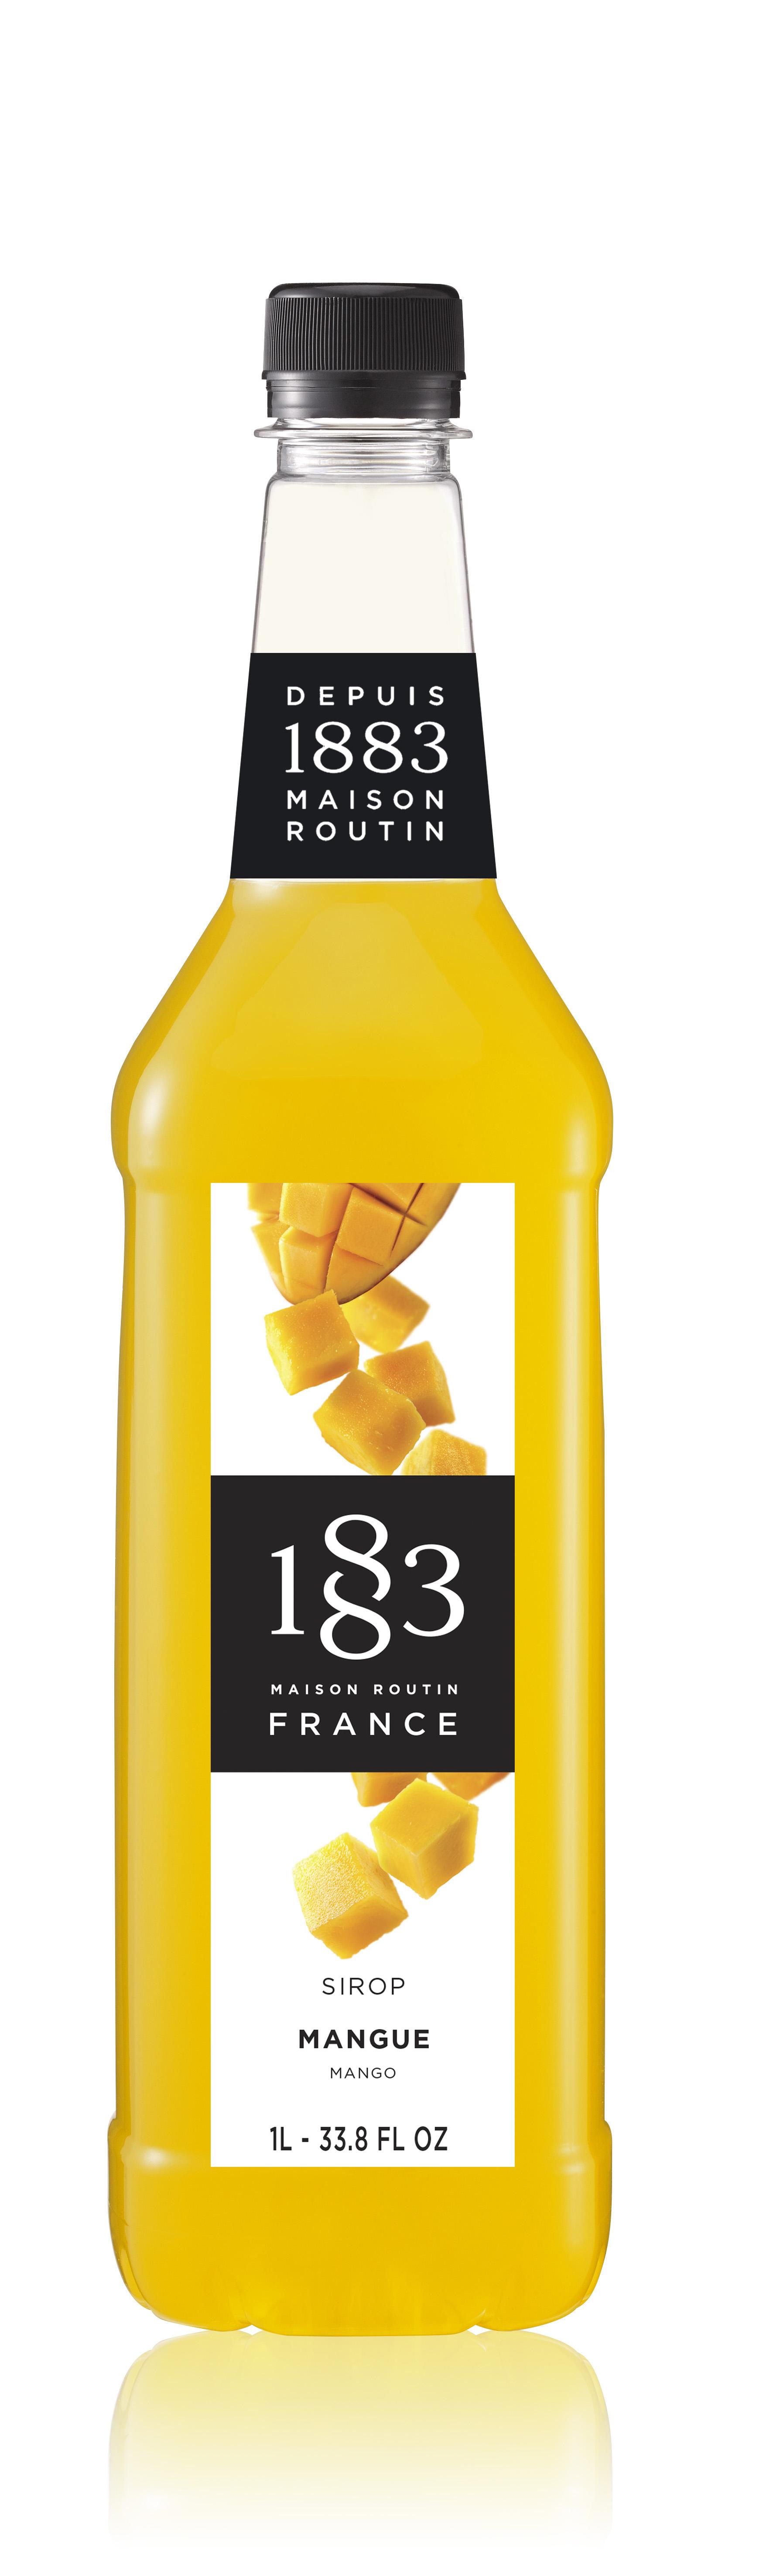 1883 Syrup Mango   1L PET Plastic Bottle